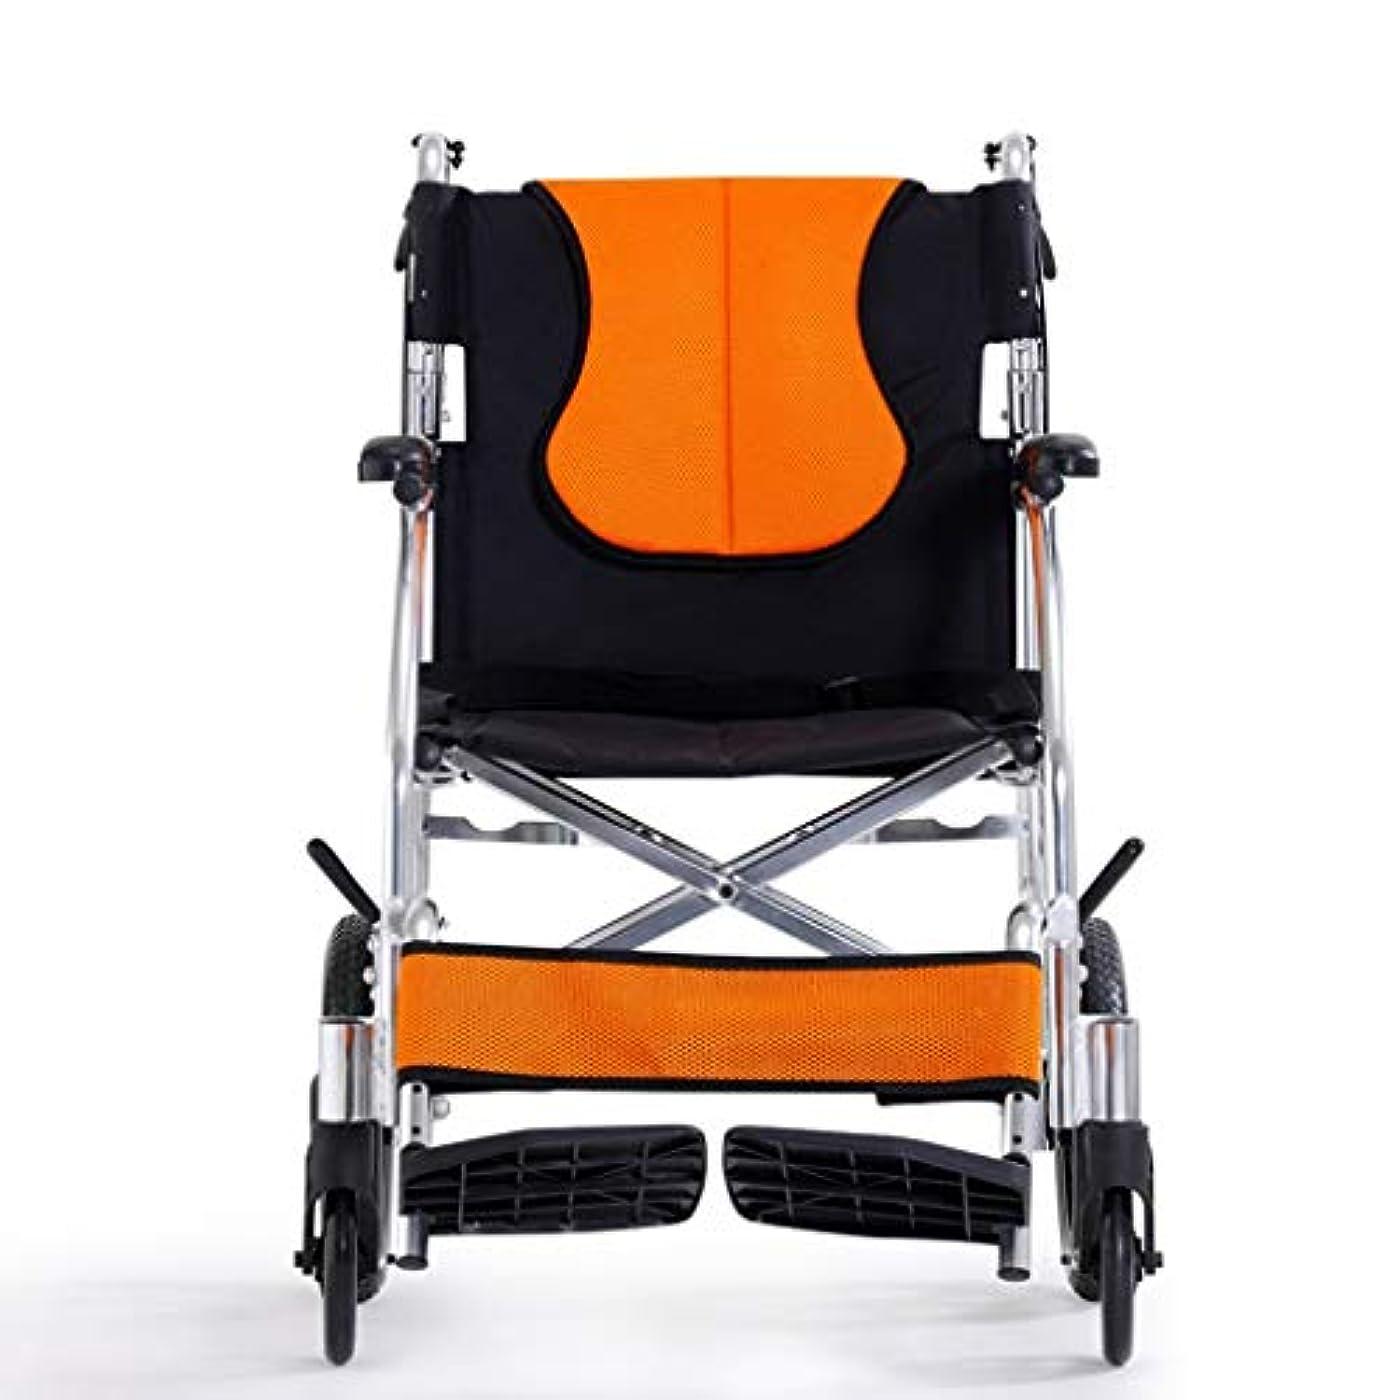 無しケーキトリッキー車椅子調節可能、アルミ合金折りたたみ軽量トロリー、高齢者用手動車椅子無効トロリー